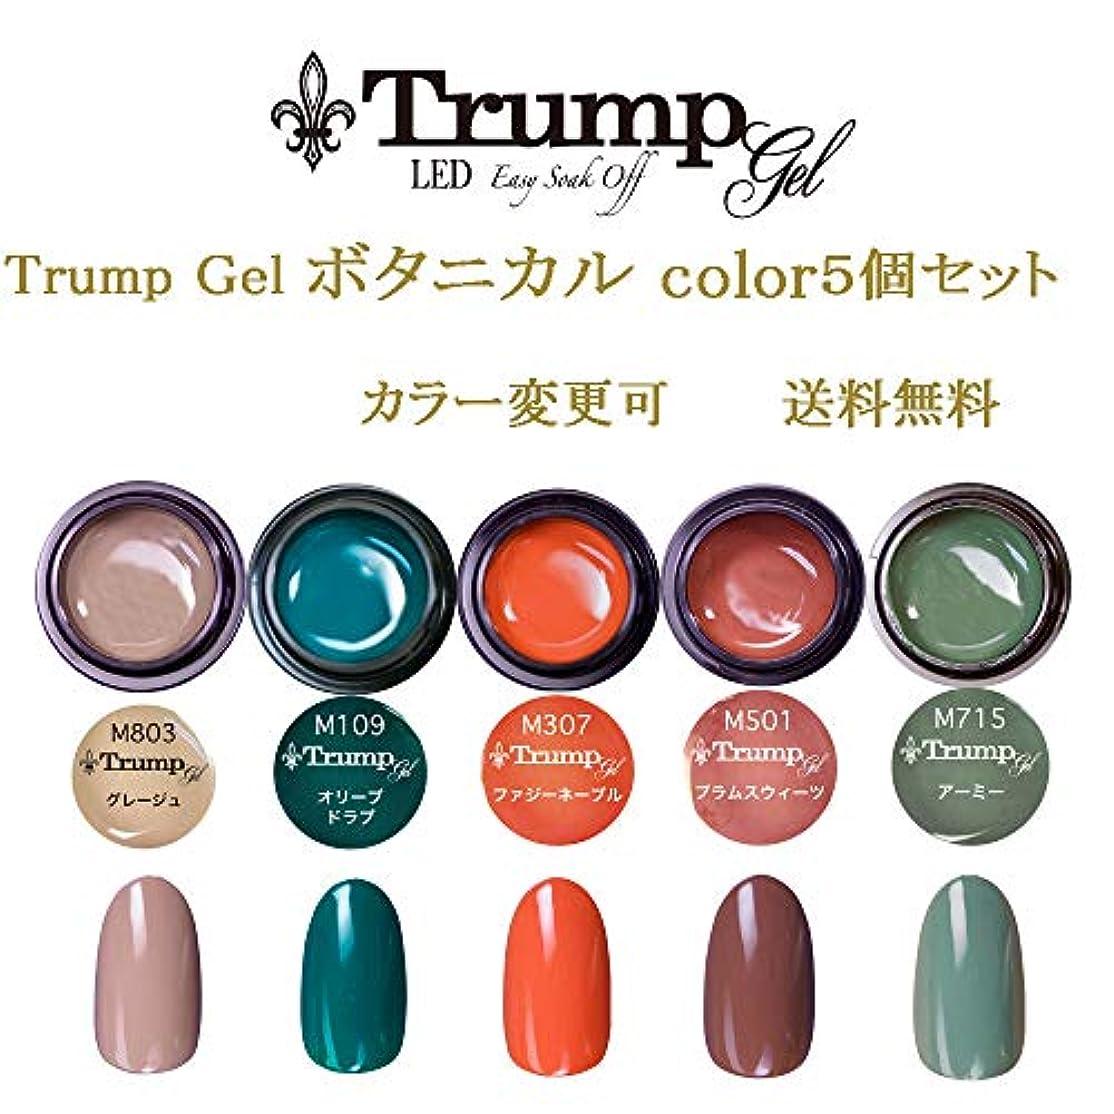 作る囚人なぜ日本製 Trump gel トランプジェル ボタニカルカラー 選べる カラージェル 5個セット カーキー ベージュ グリーン